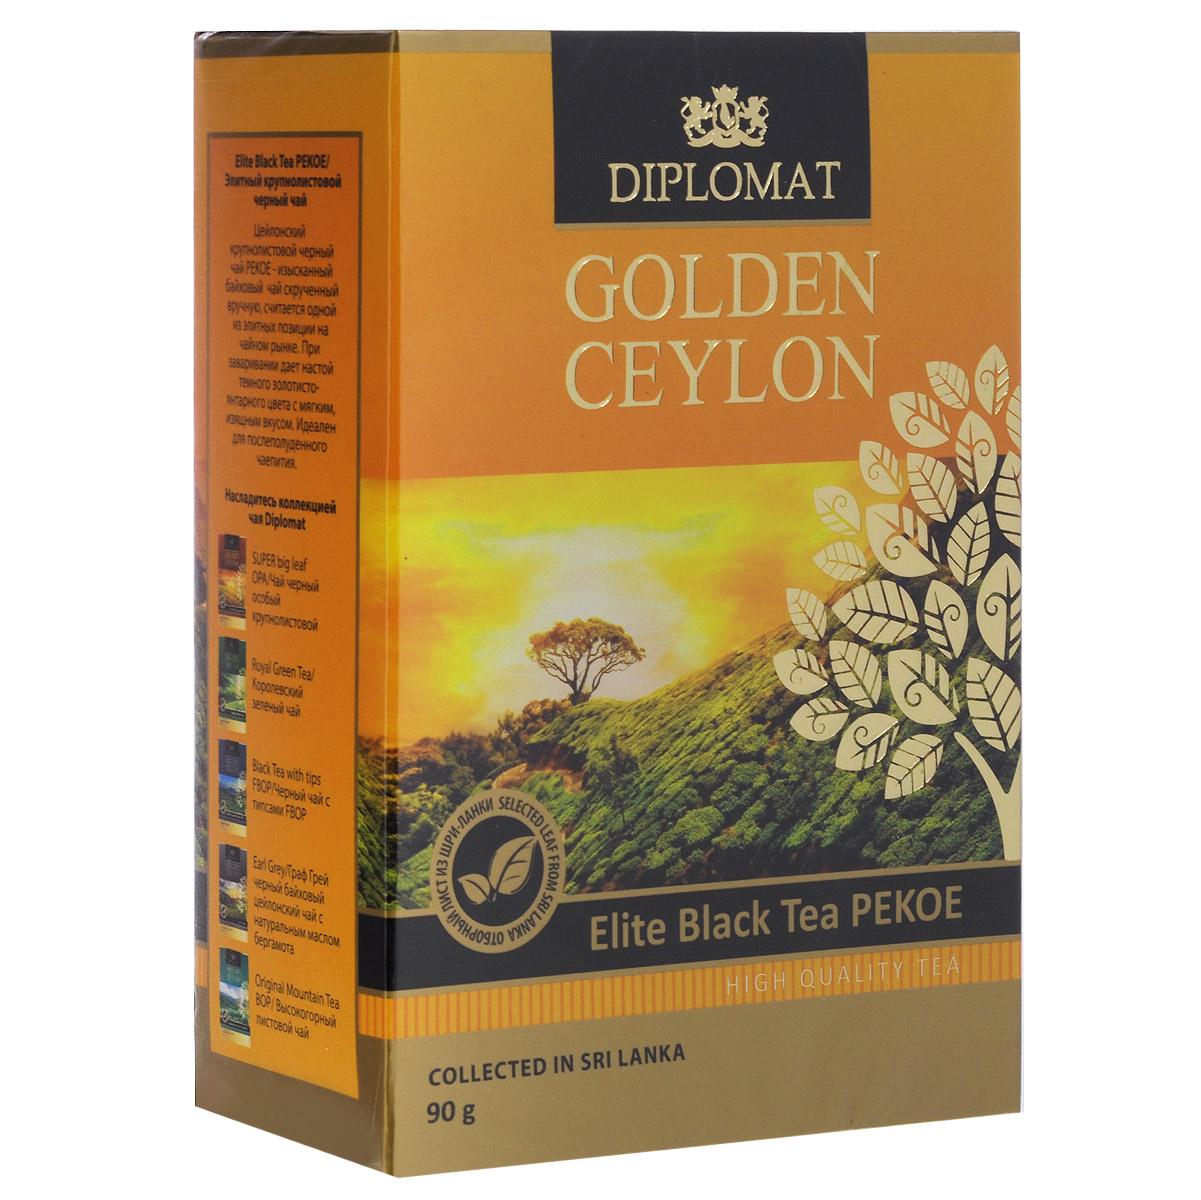 Diplomat Elite Black Tea PEKOE черный крупнолистовой чай, 90 г0435-10Diplomat Elite Black Tea PEKOE - изысканный байховый чай скрученный вручную, считается одной из элитных позиции на чайном рынке. При заваривании дает настой темного золотисто-янтарного цвета с мягким, изящным вкусом. Идеален для послеполуденного чаепития.